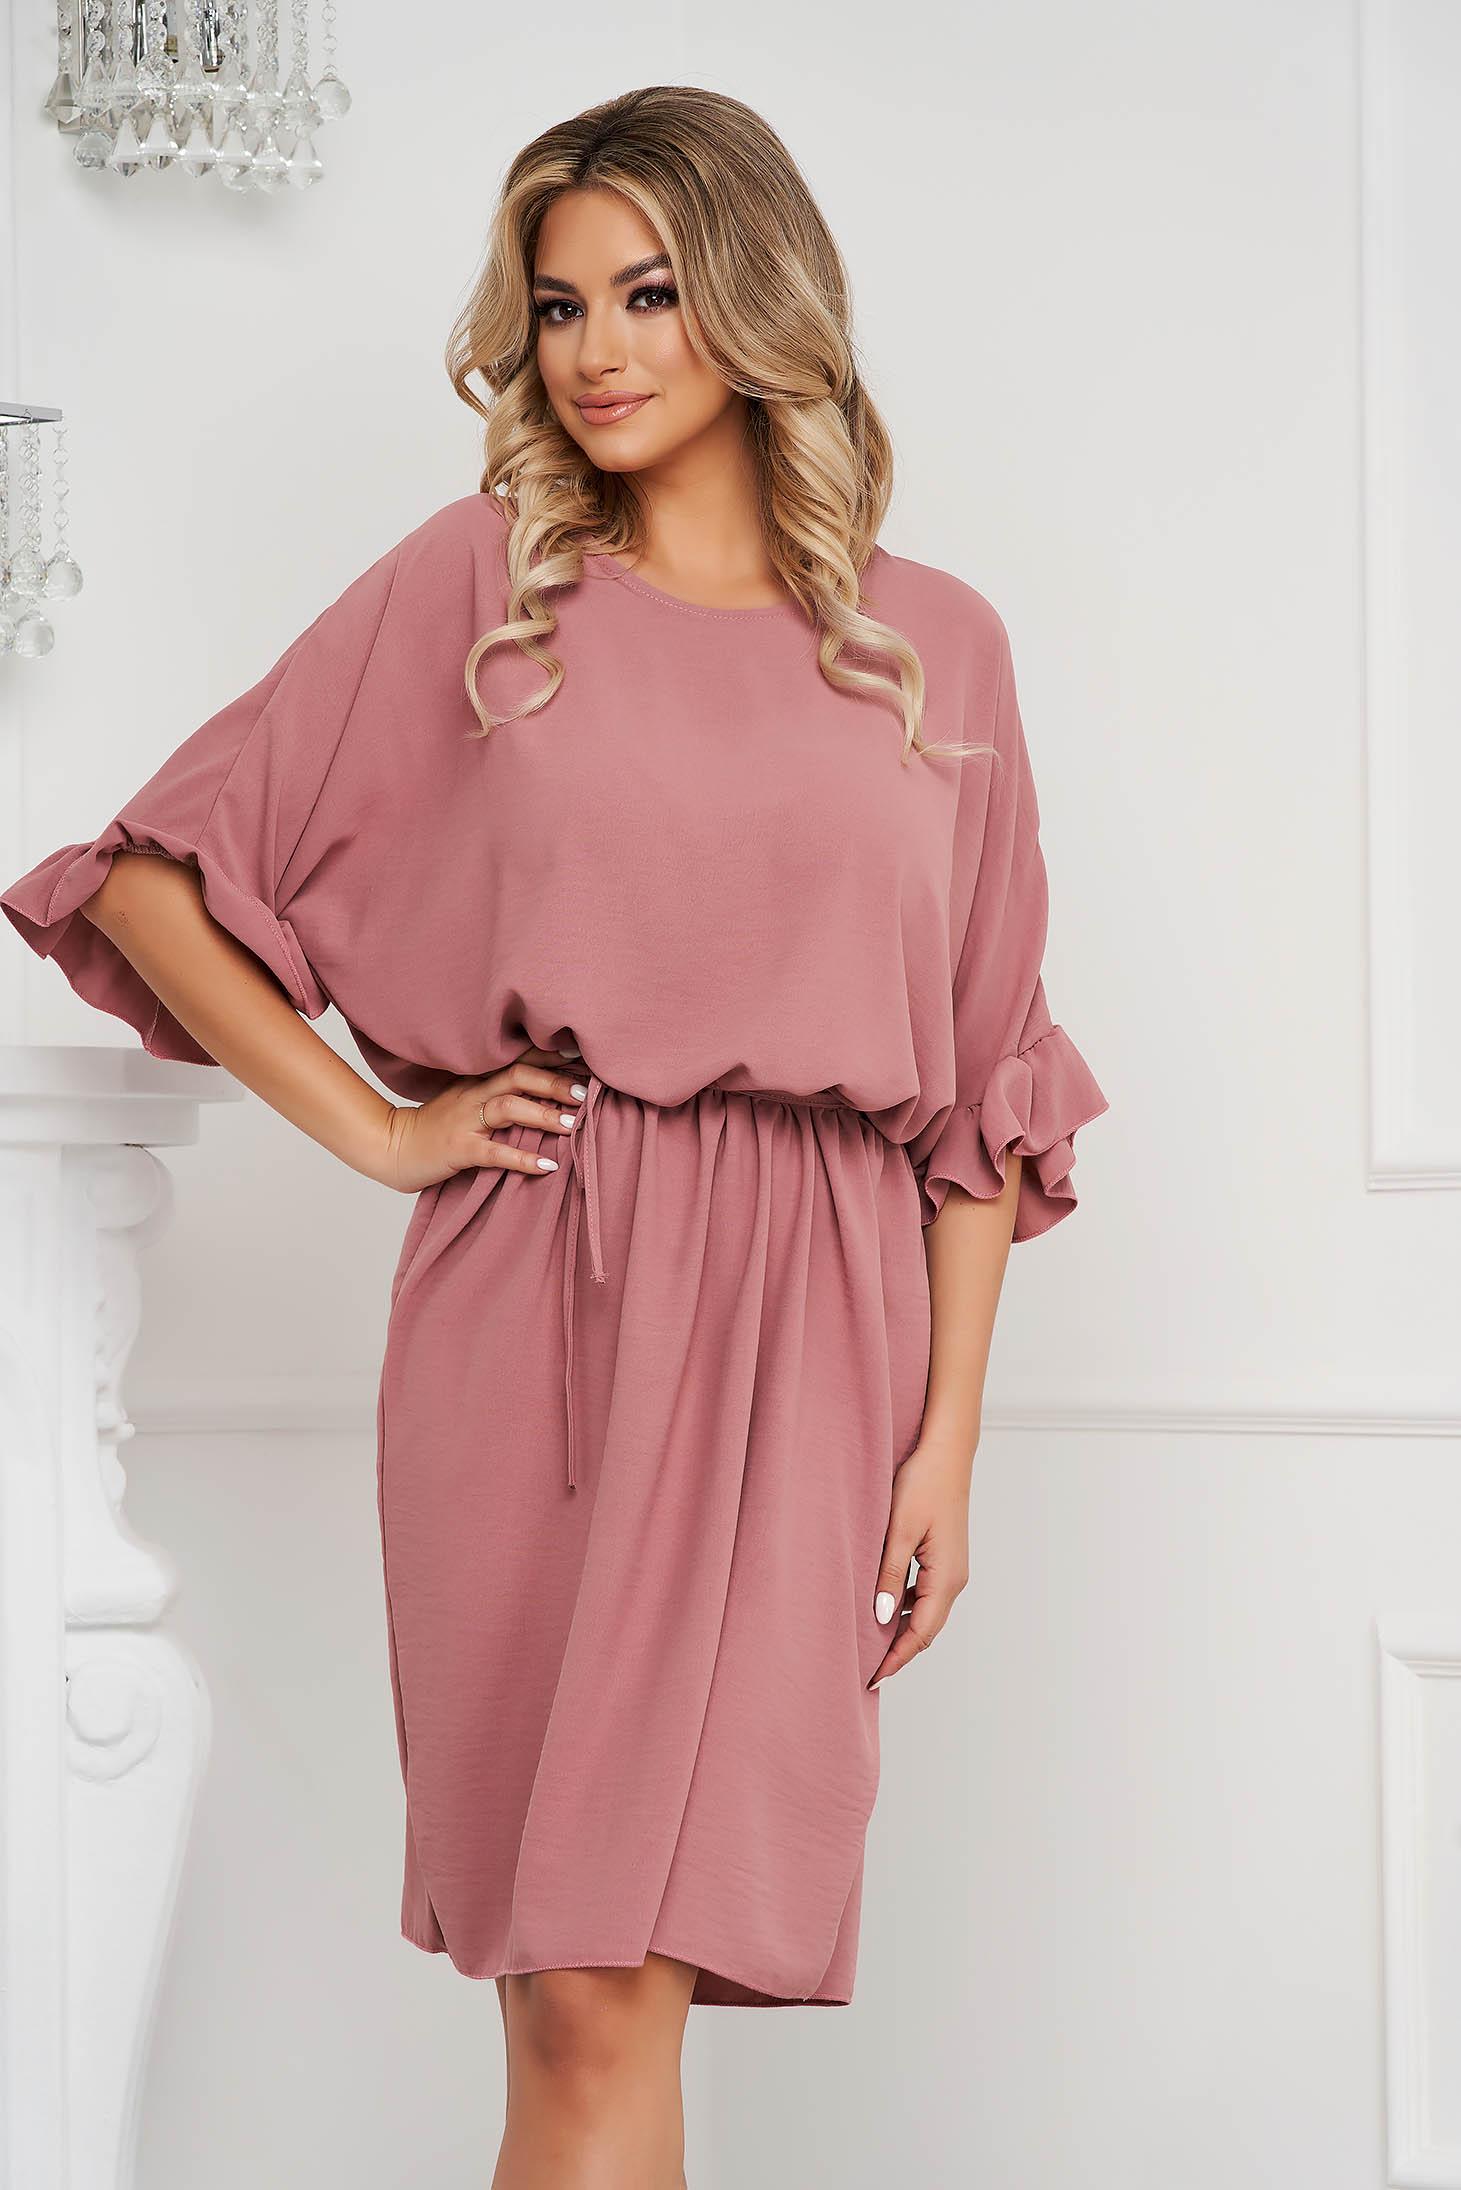 Púder rózsaszínű rövid ruha harang alakú gumirozott derékrésszel vékony anyagból fodros ujjakkal